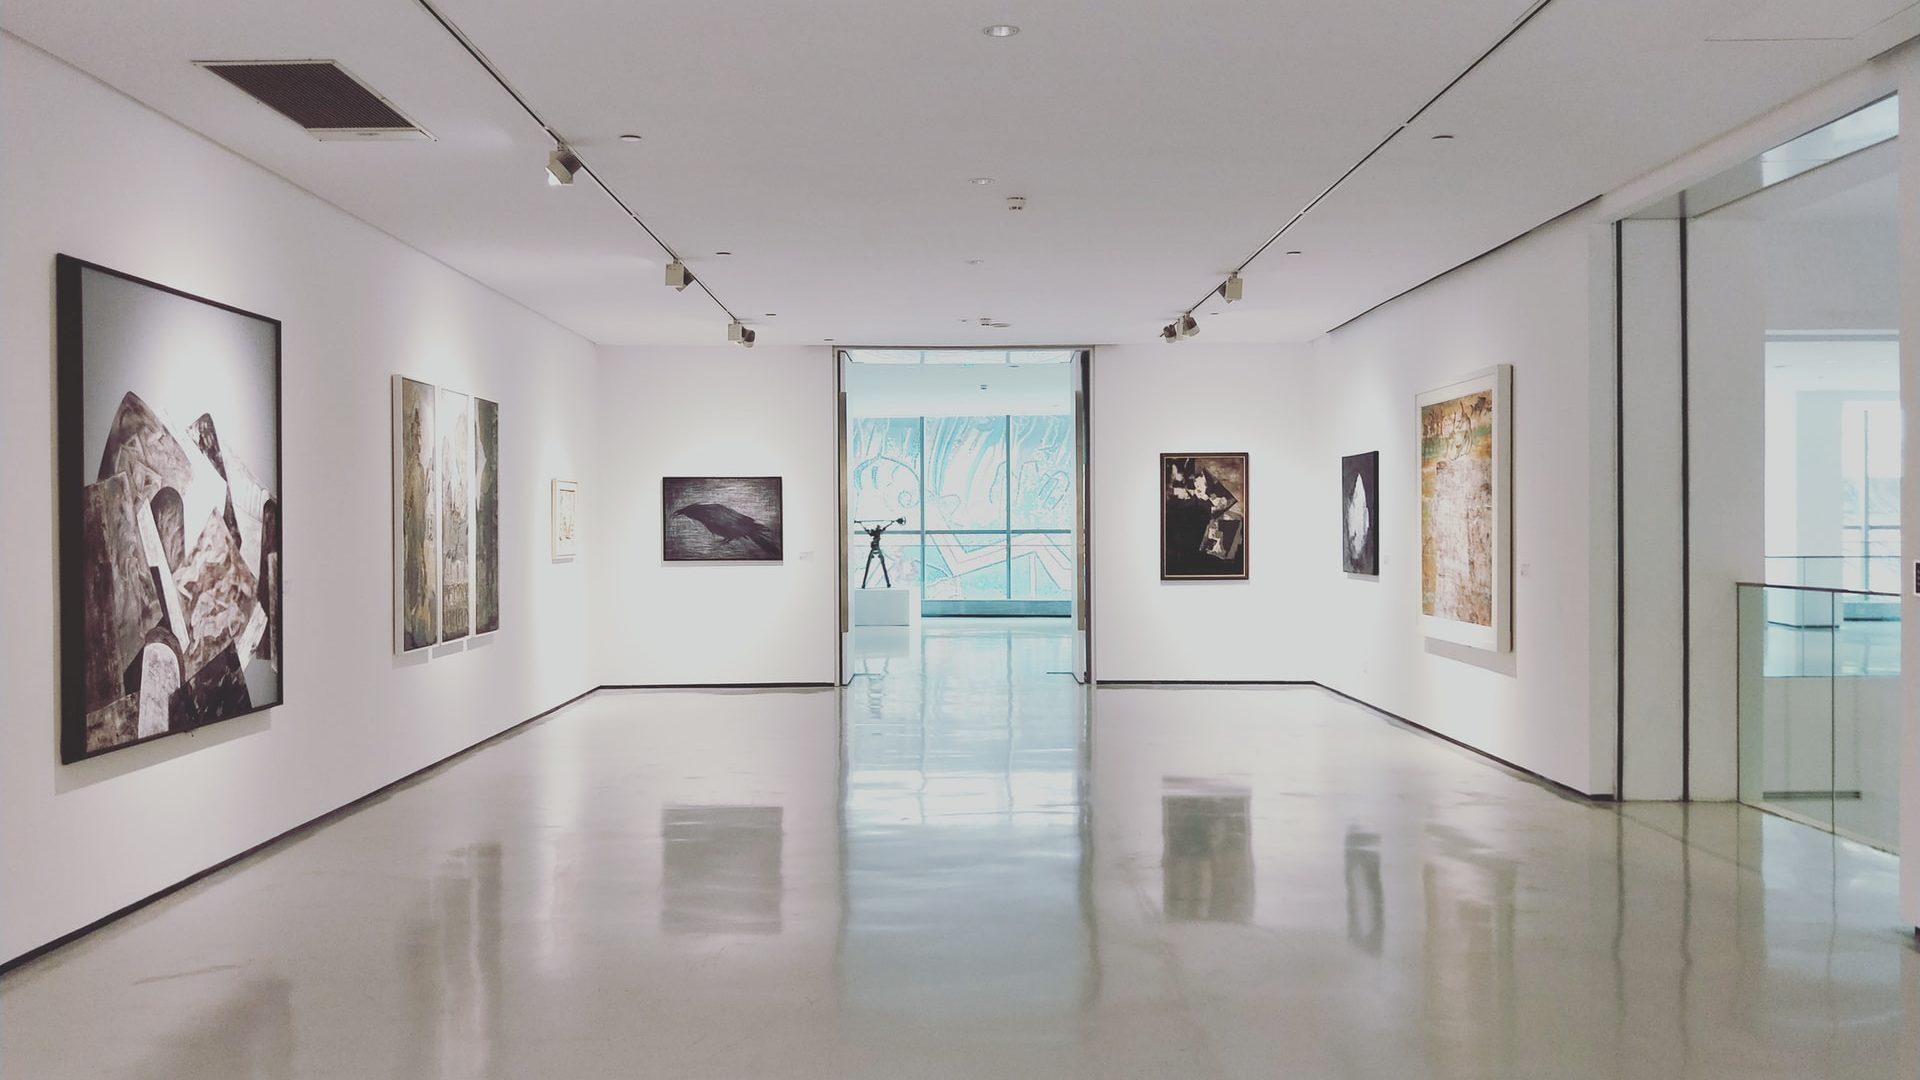 Pvc-vloer in kunstgalerij, vooraanzicht